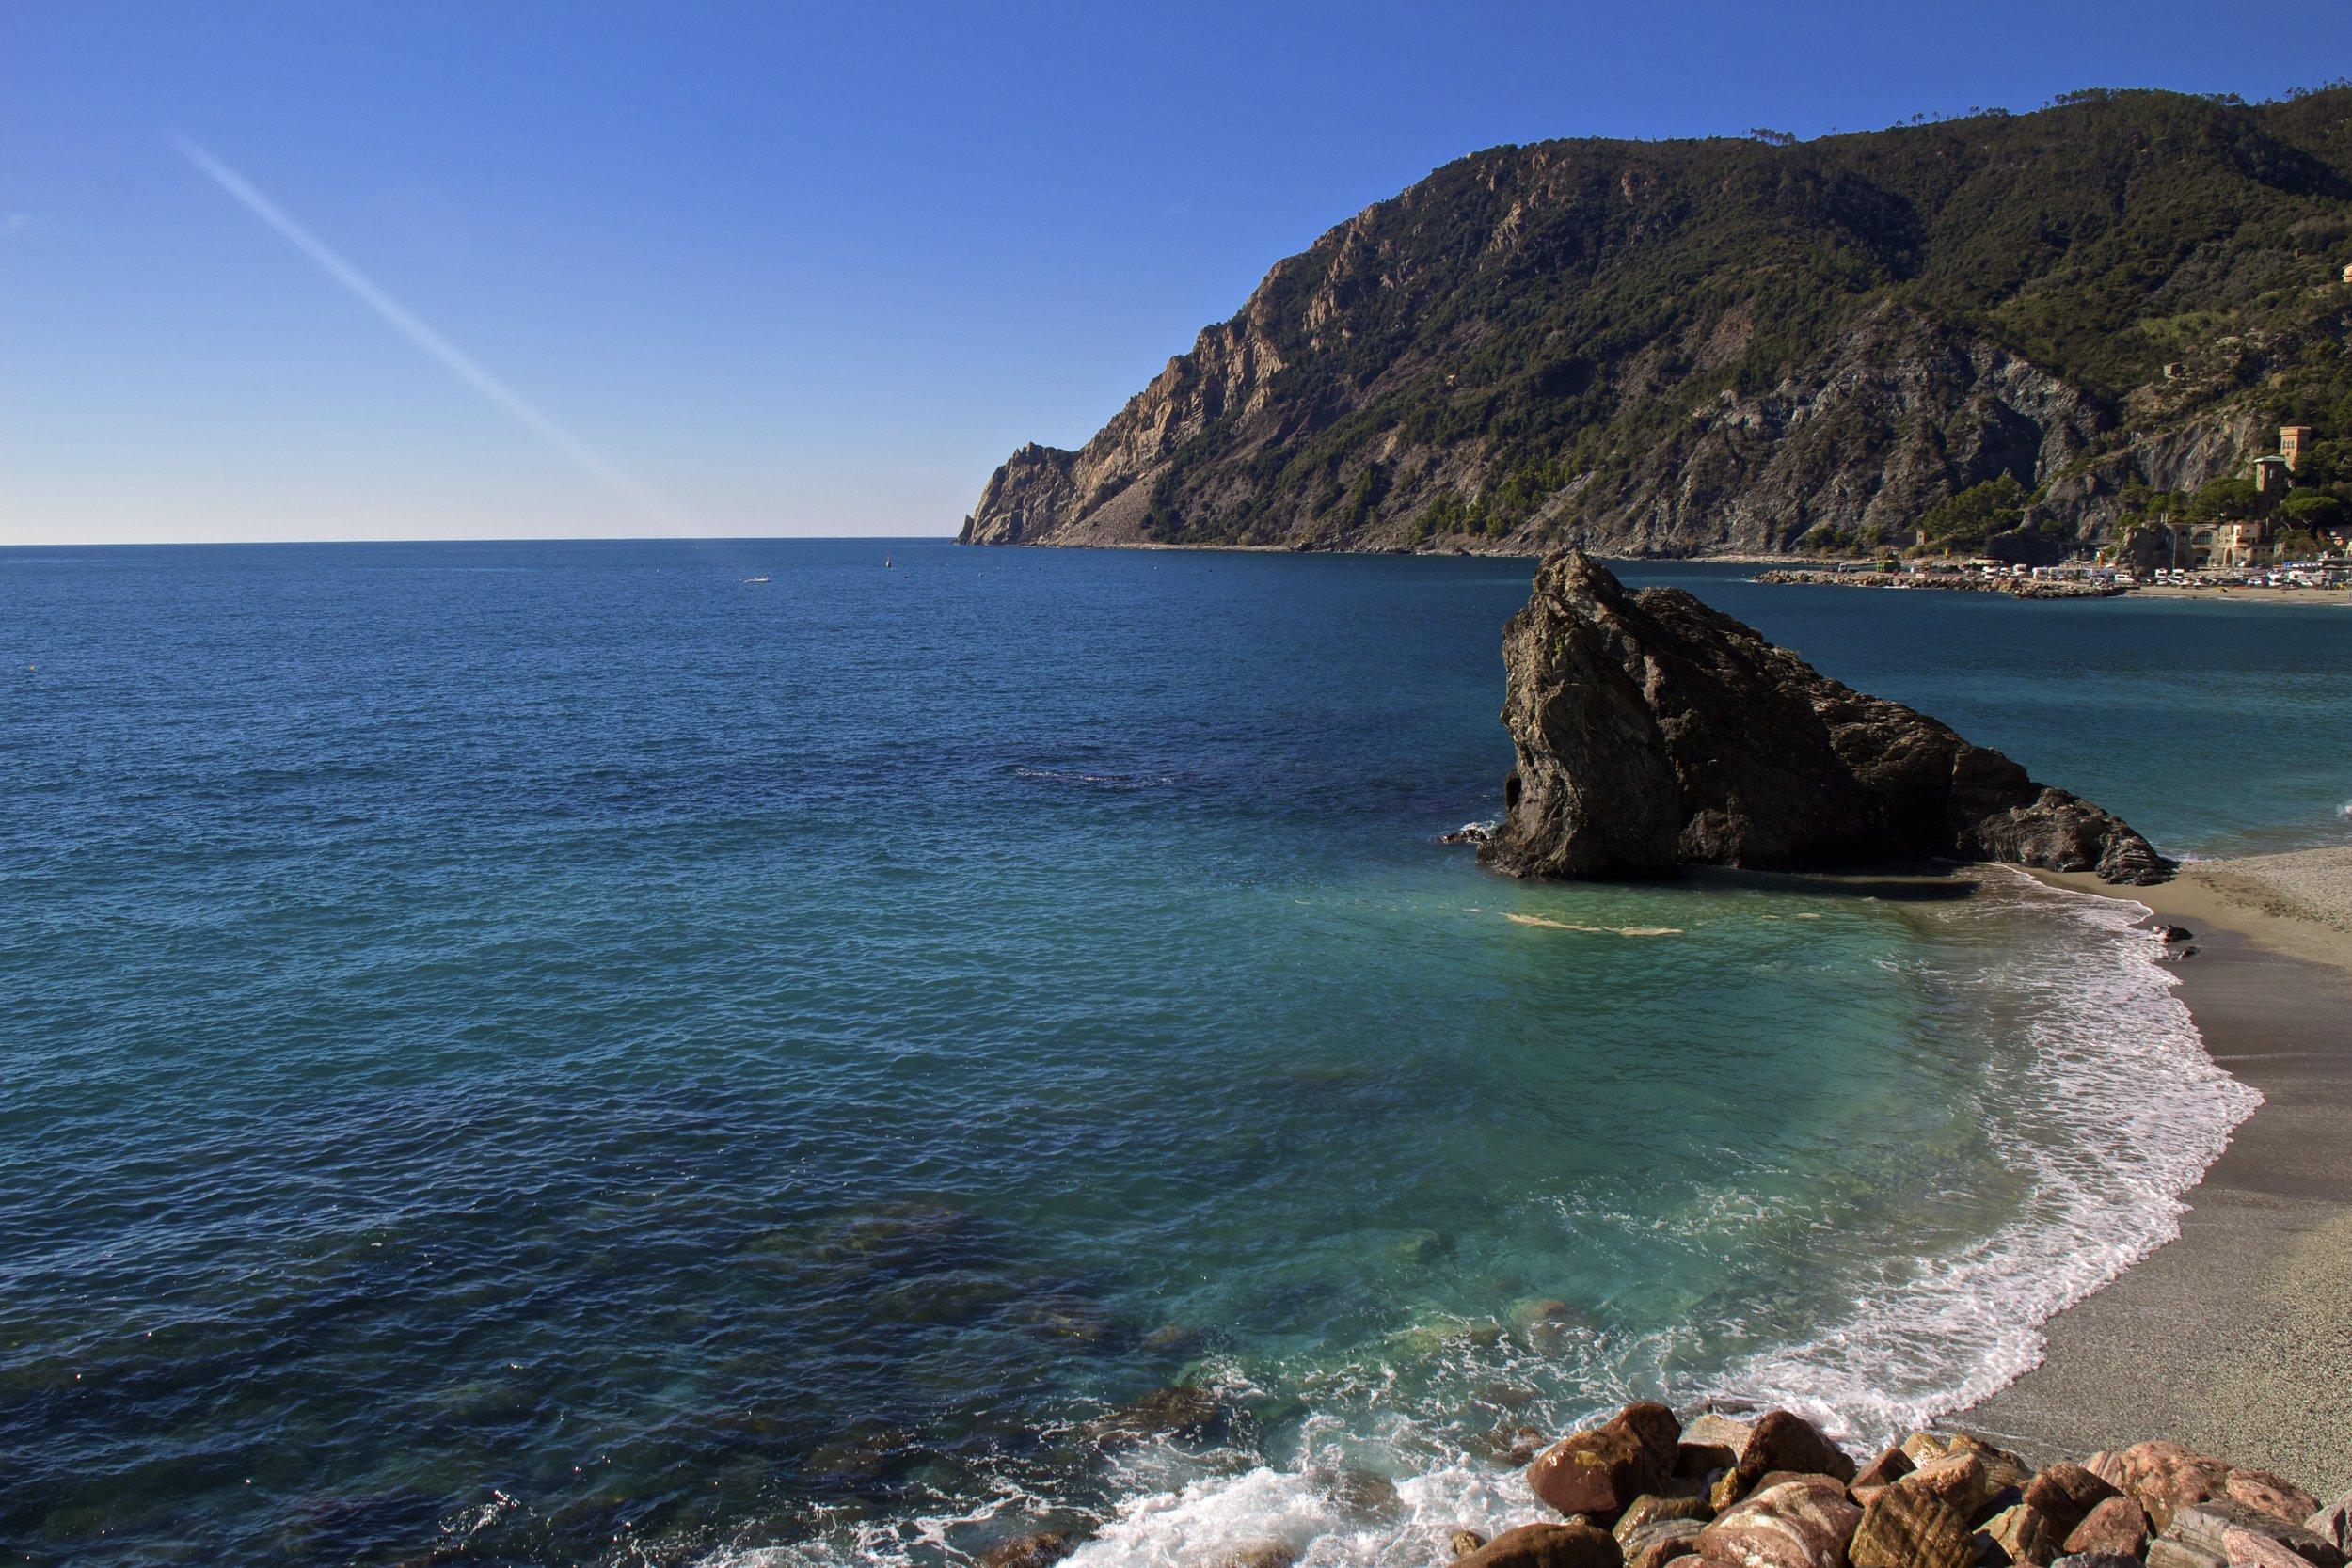 monterosso al mare cinque terre italy 1.jpg